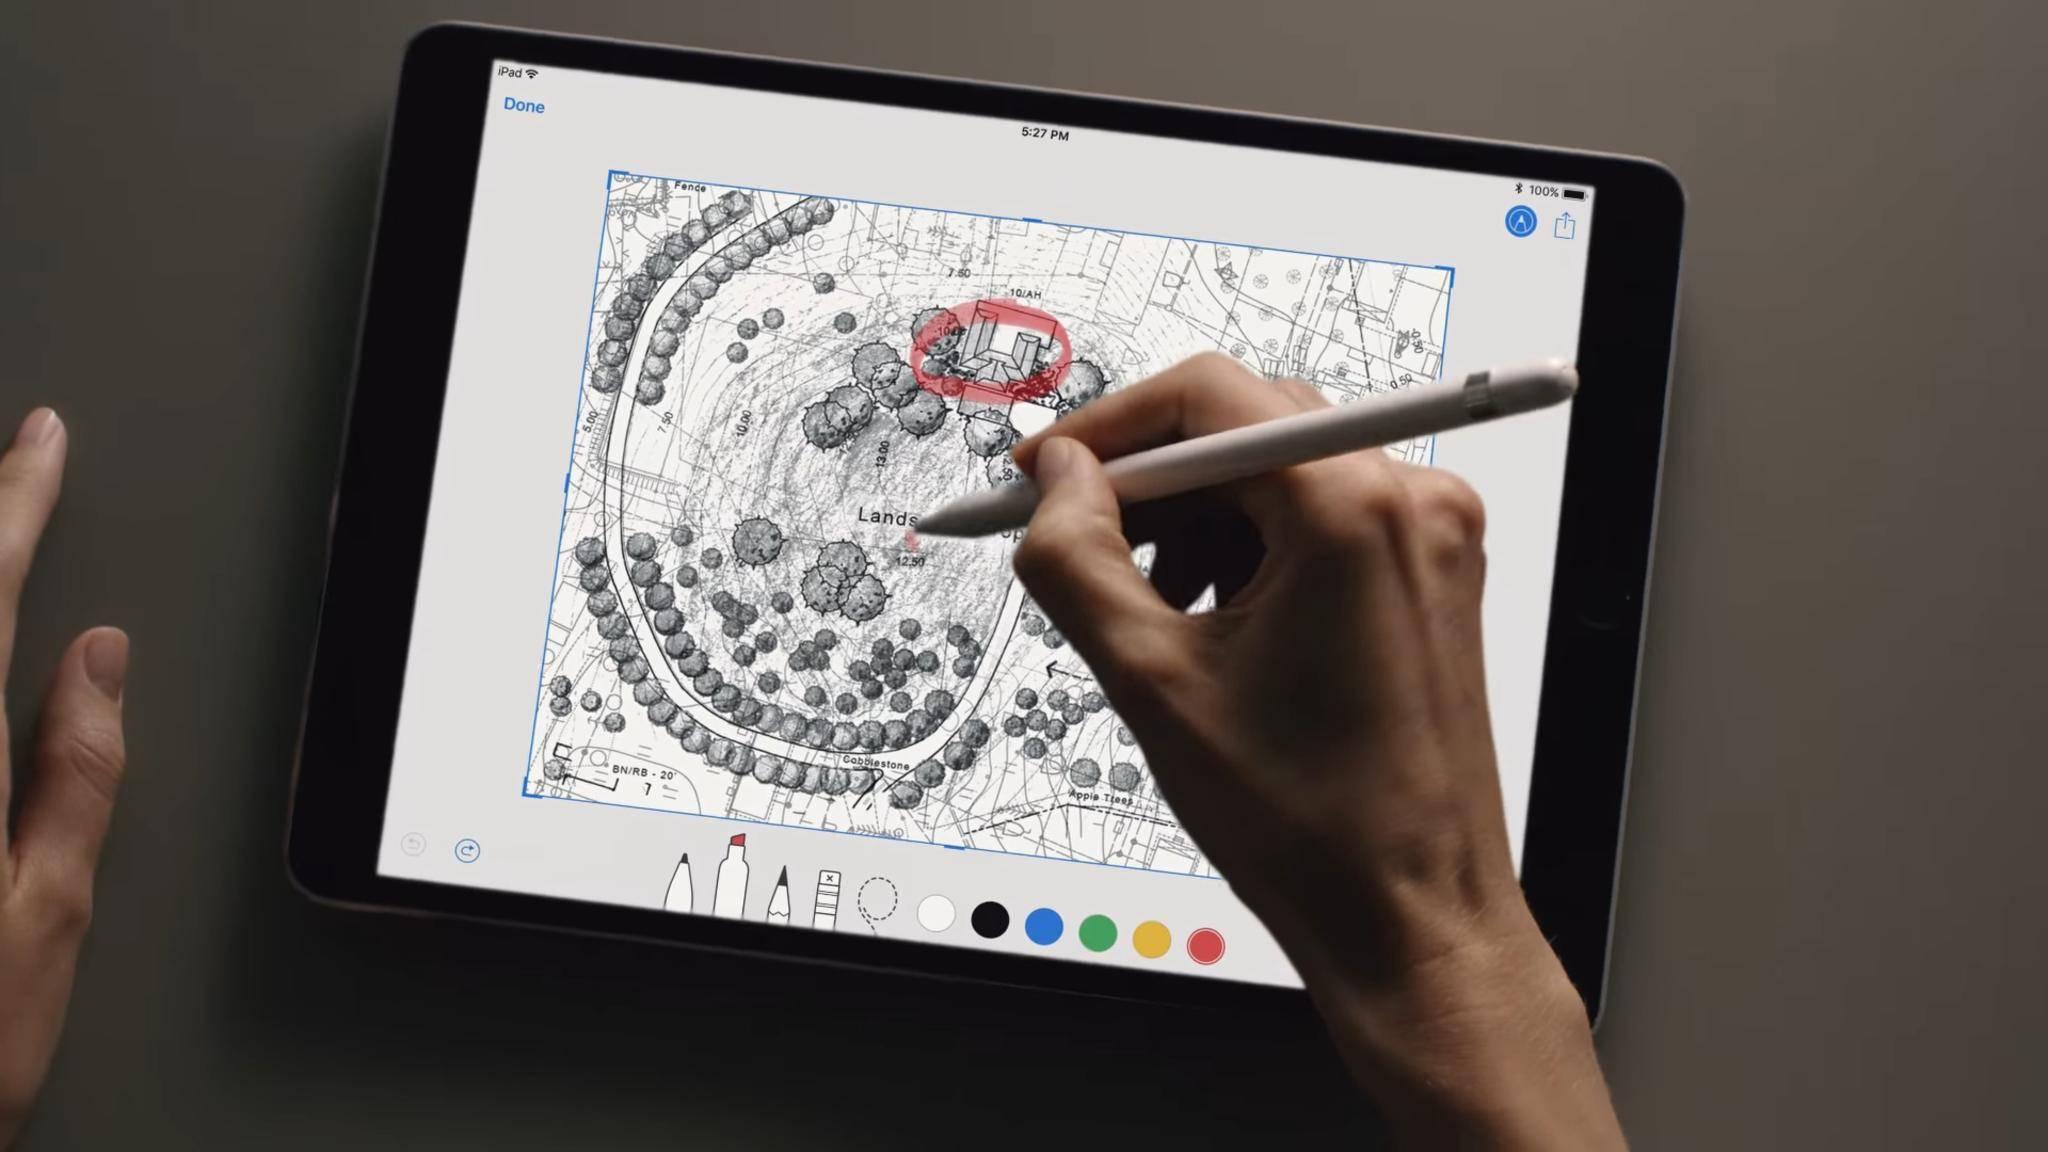 Das iPad Pro 10.5 ist wohl das beste Tablet nahe 10 Zoll.